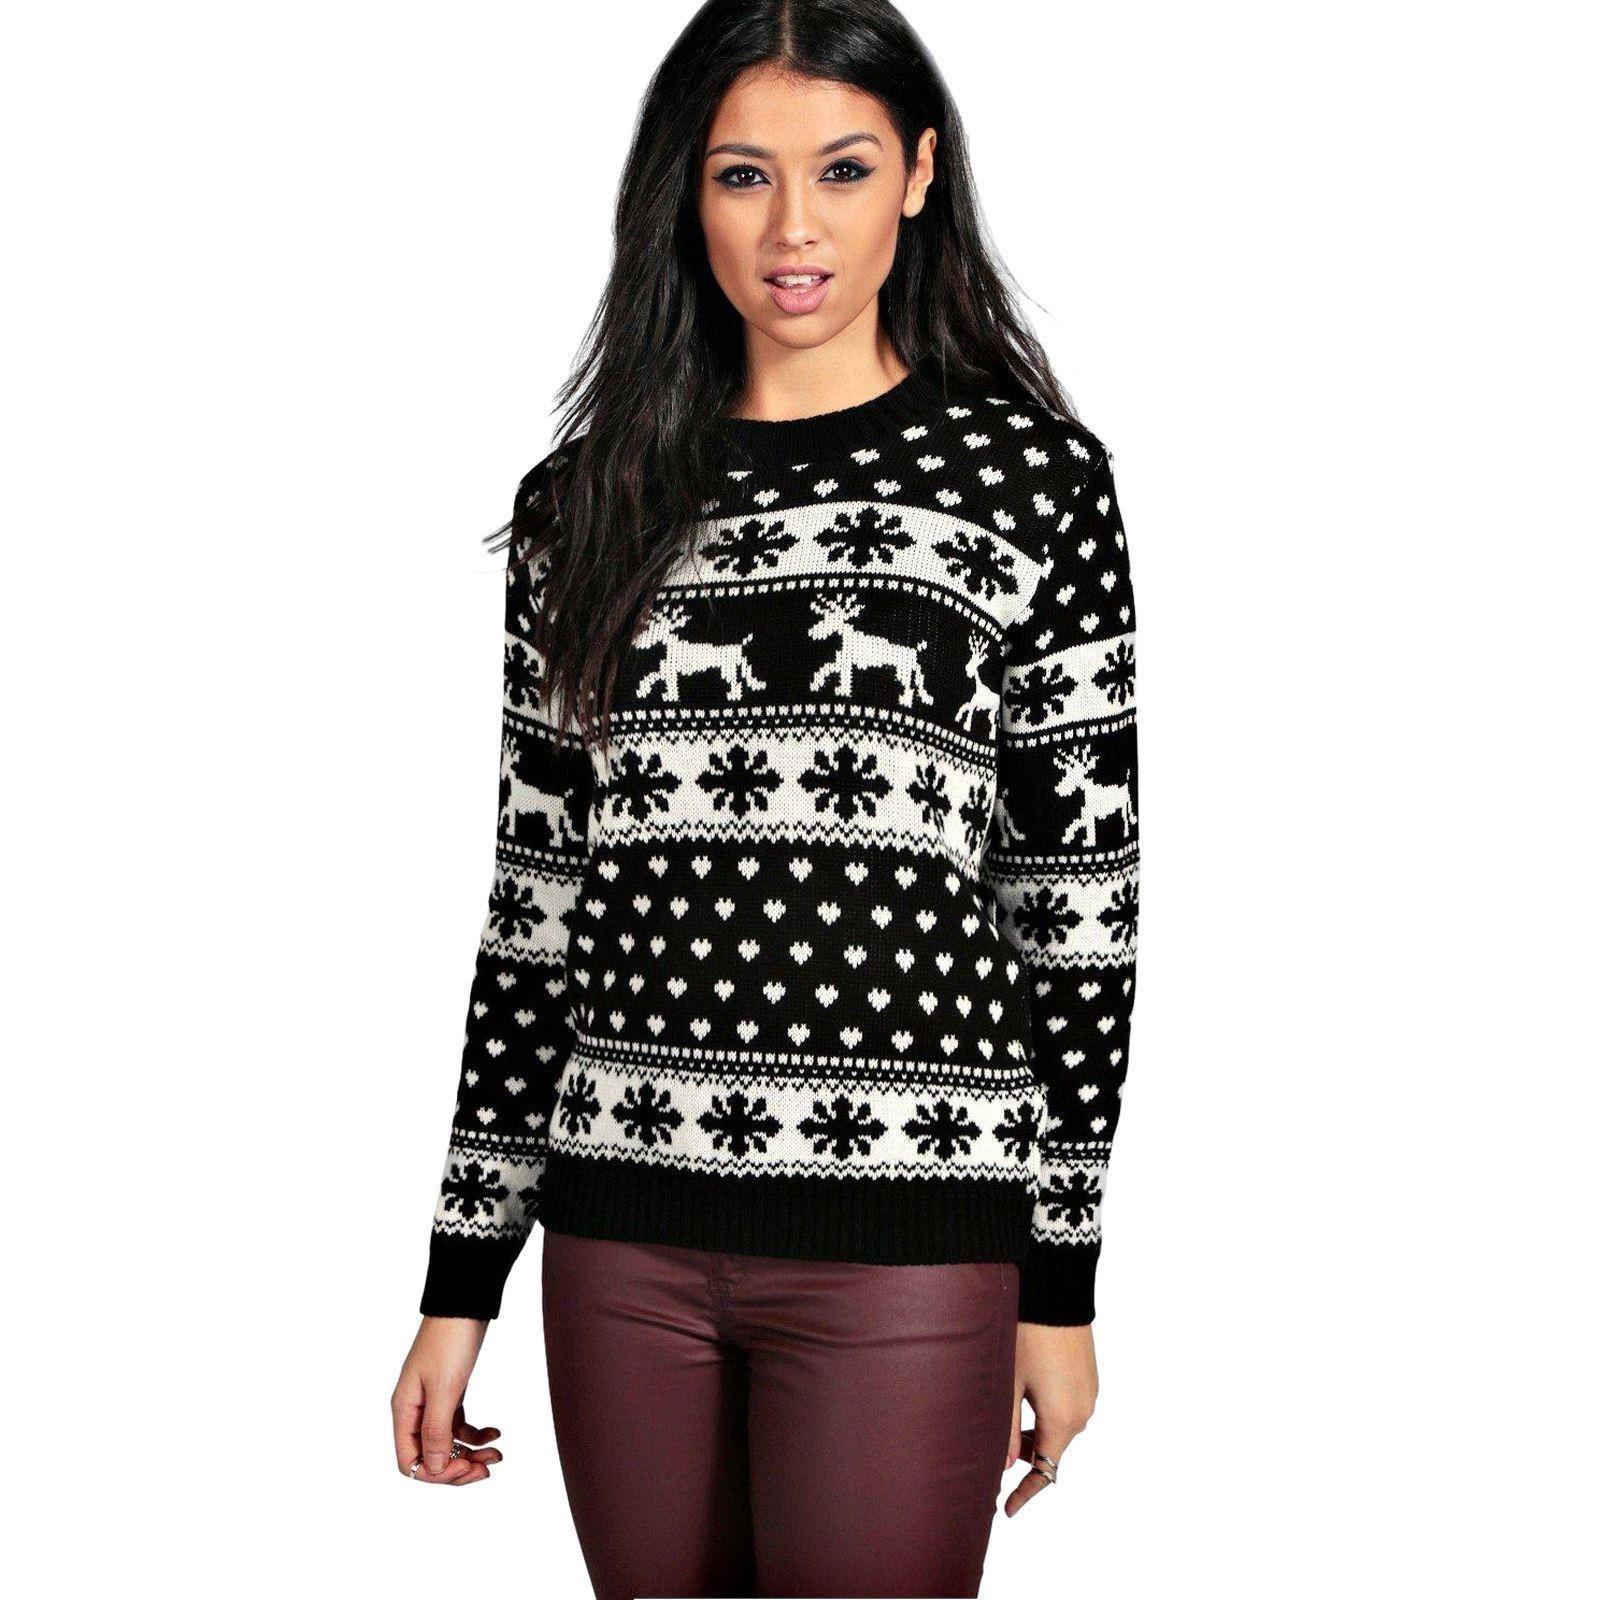 Unisex Christmas Gift Ideas: Christmas Xmas Unisex Jumper Sweater Retro Novelty Ladies